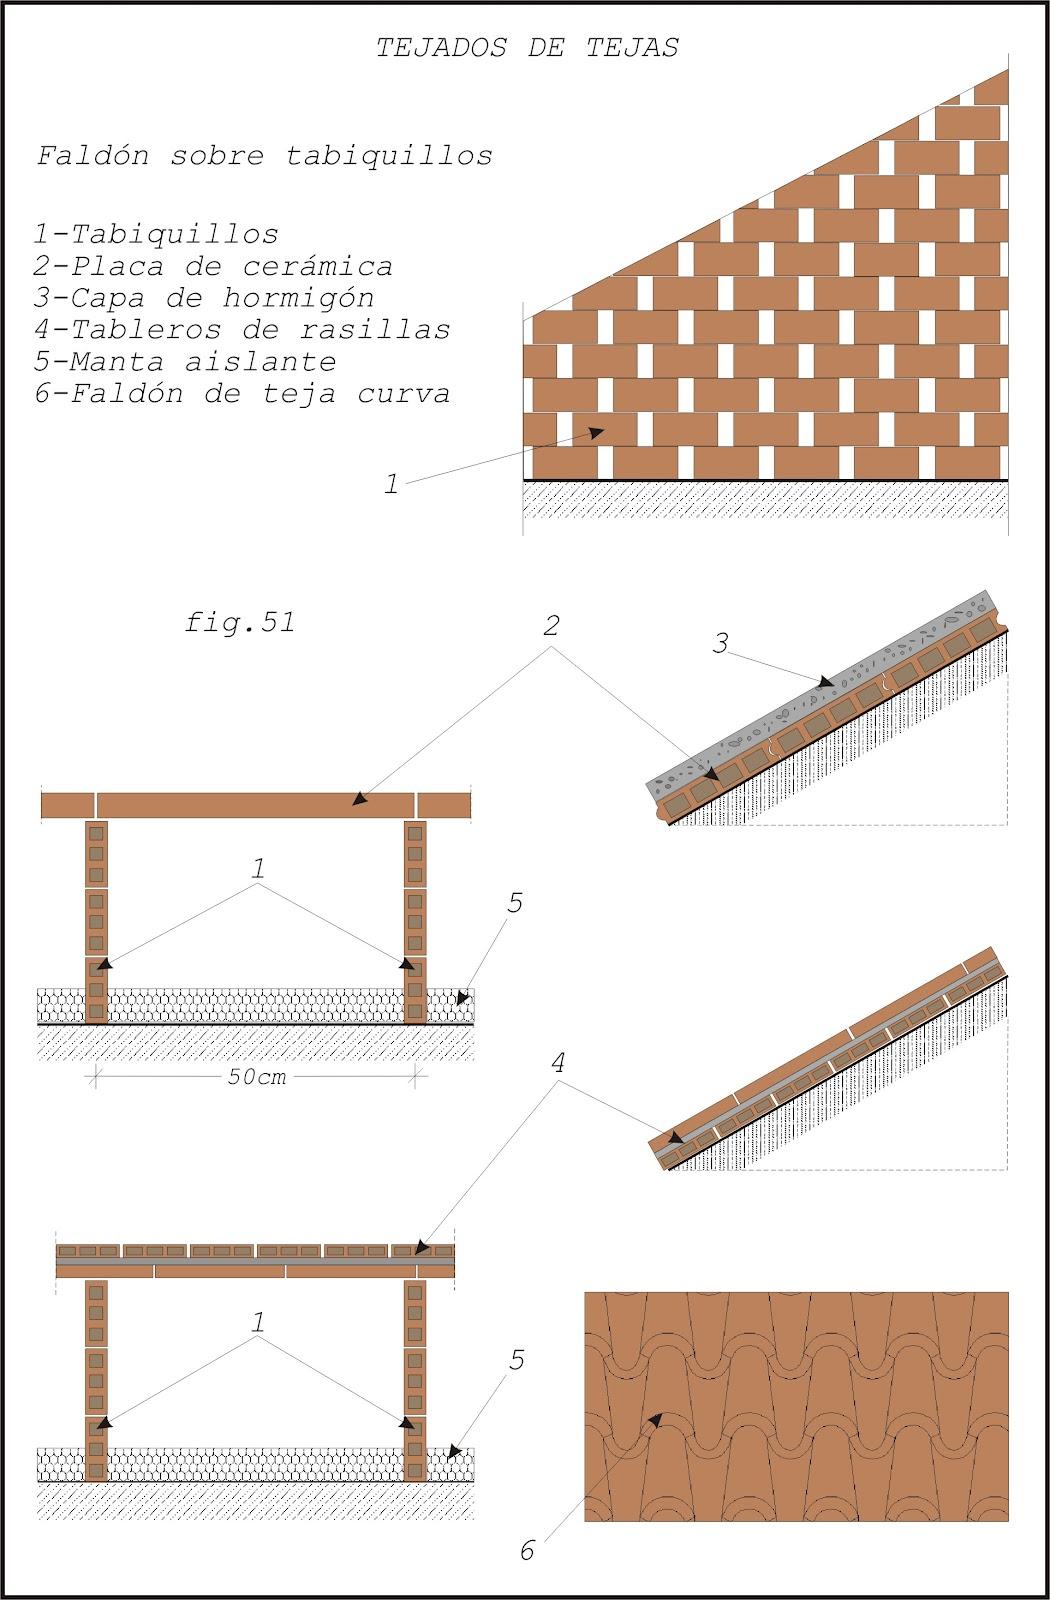 Teor a sobre alba iler a b sica cubiertas for Tejado de madera o hormigon